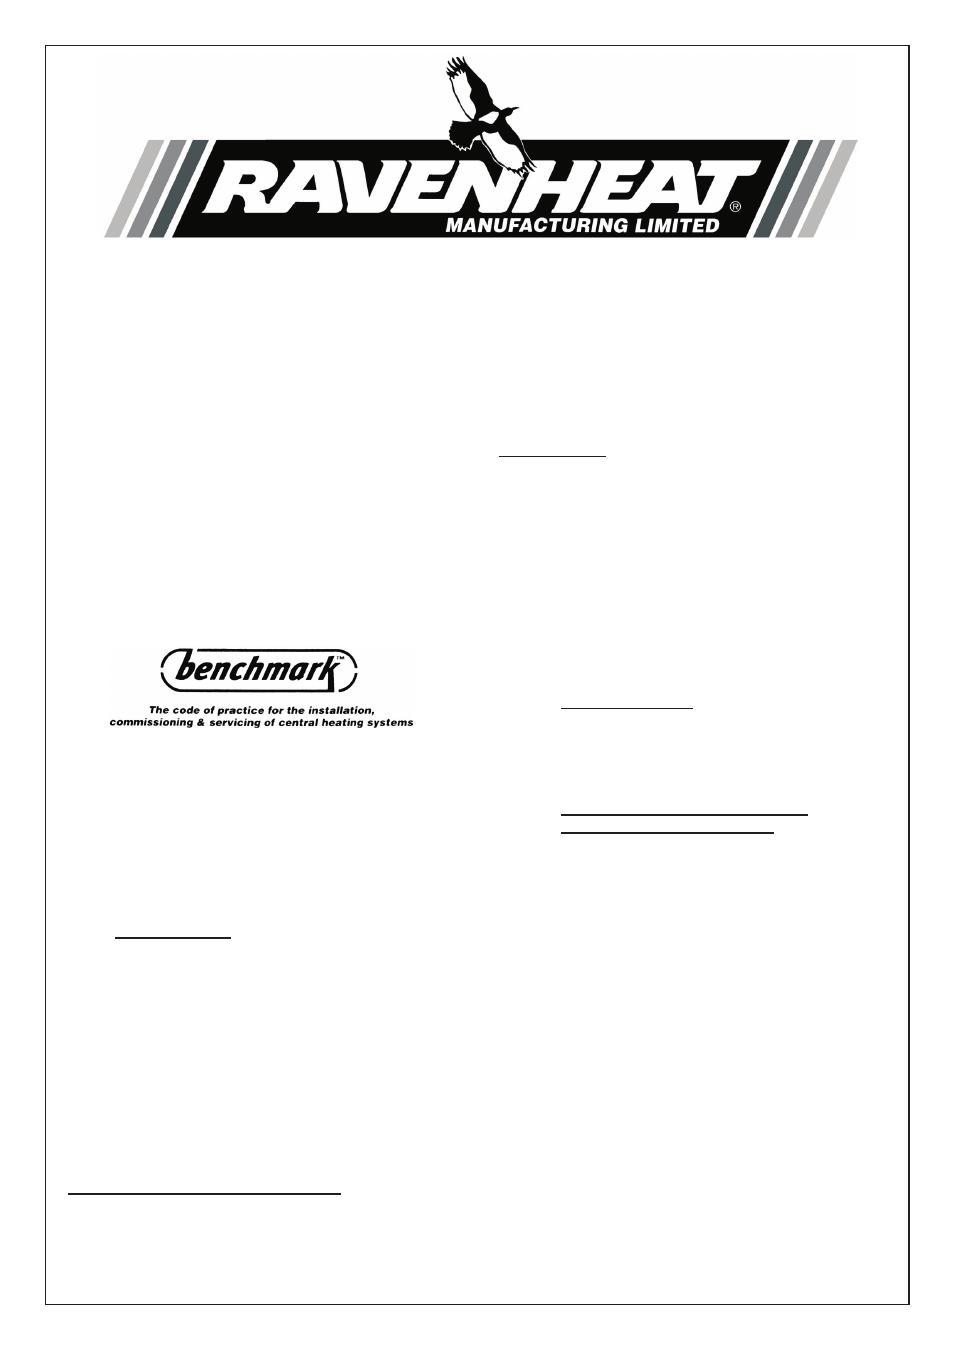 ravenheat csi 85 old model user manual 4 pages rh manualsdir com User Manual Clip Art User Guide